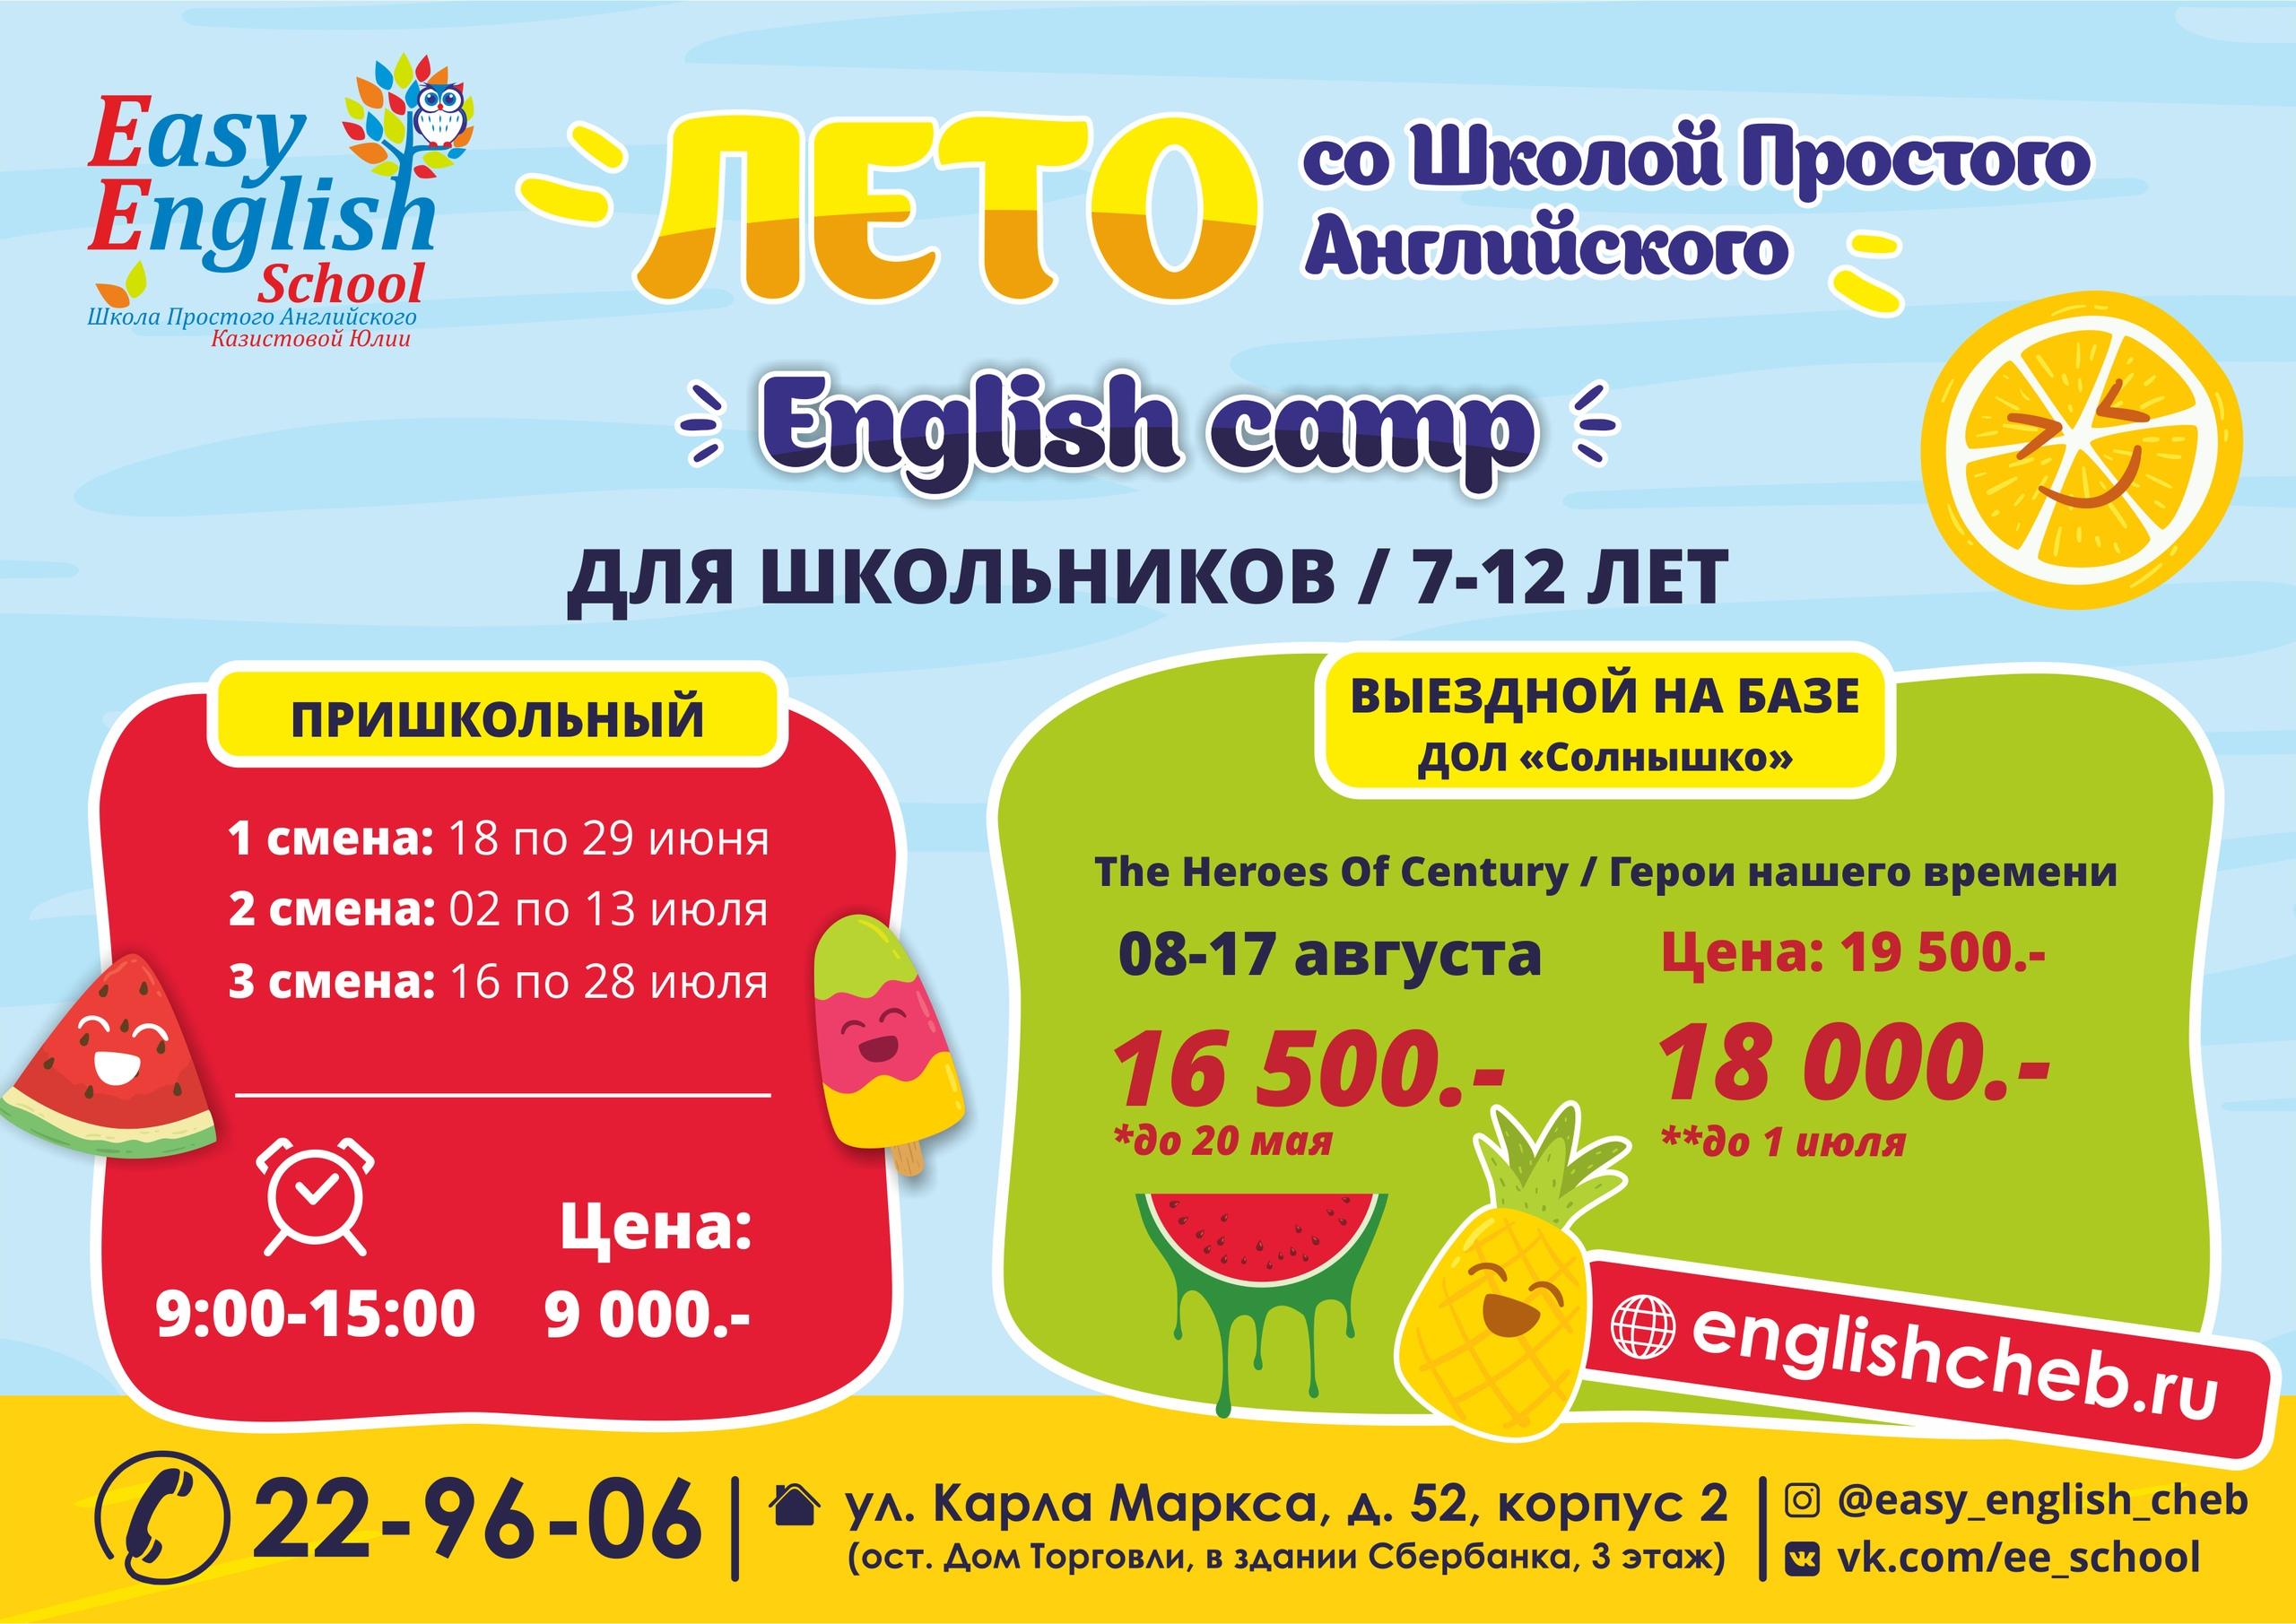 Языковой лагерь для школьников